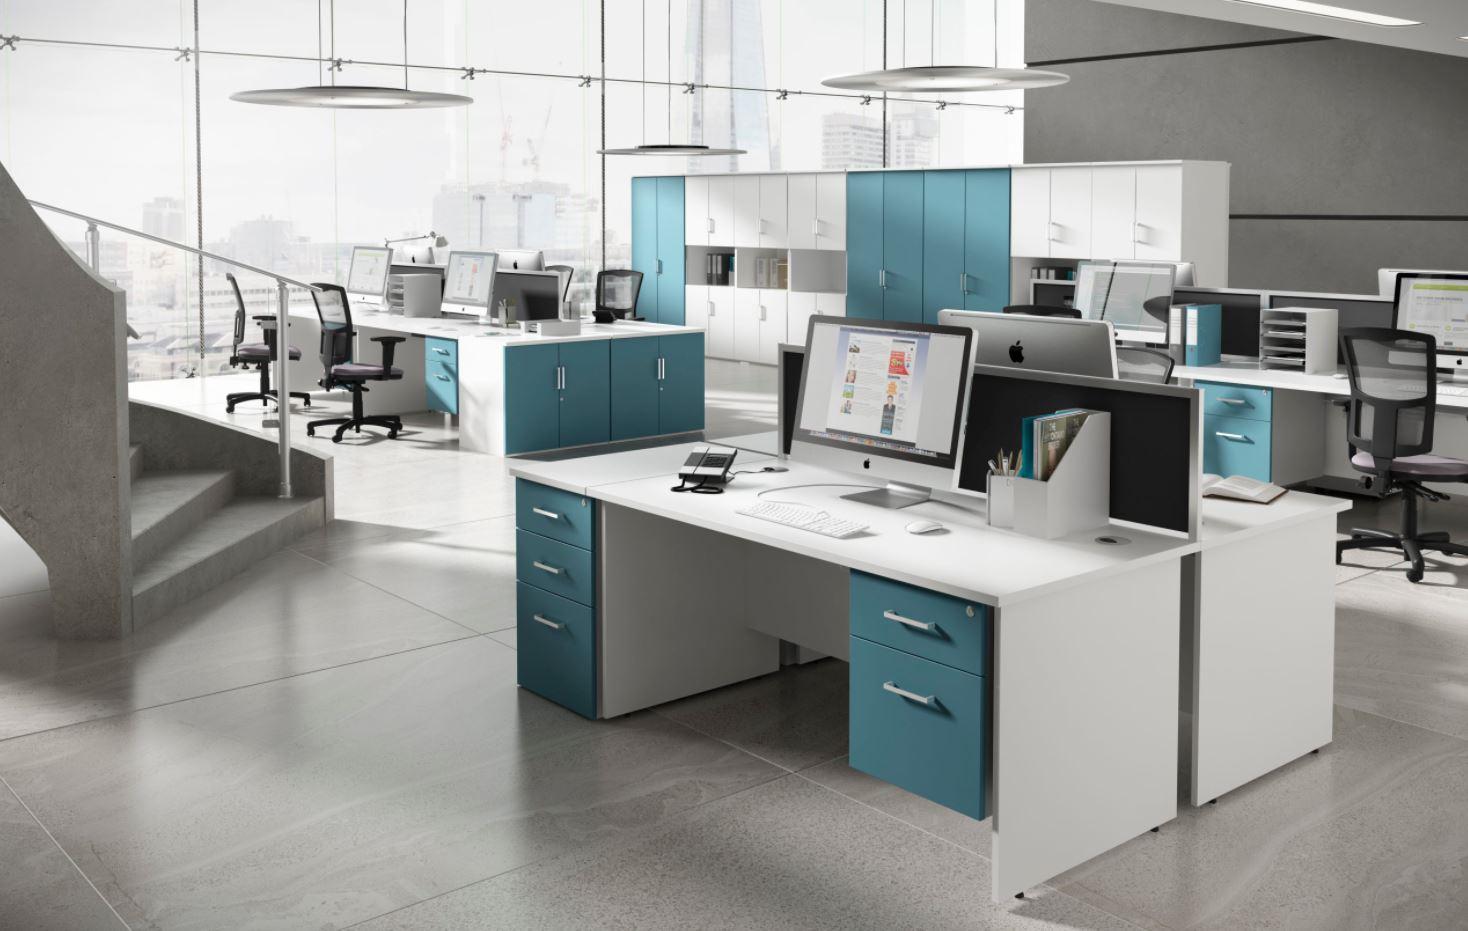 thiết kế nội thất văn phòng công ty GII